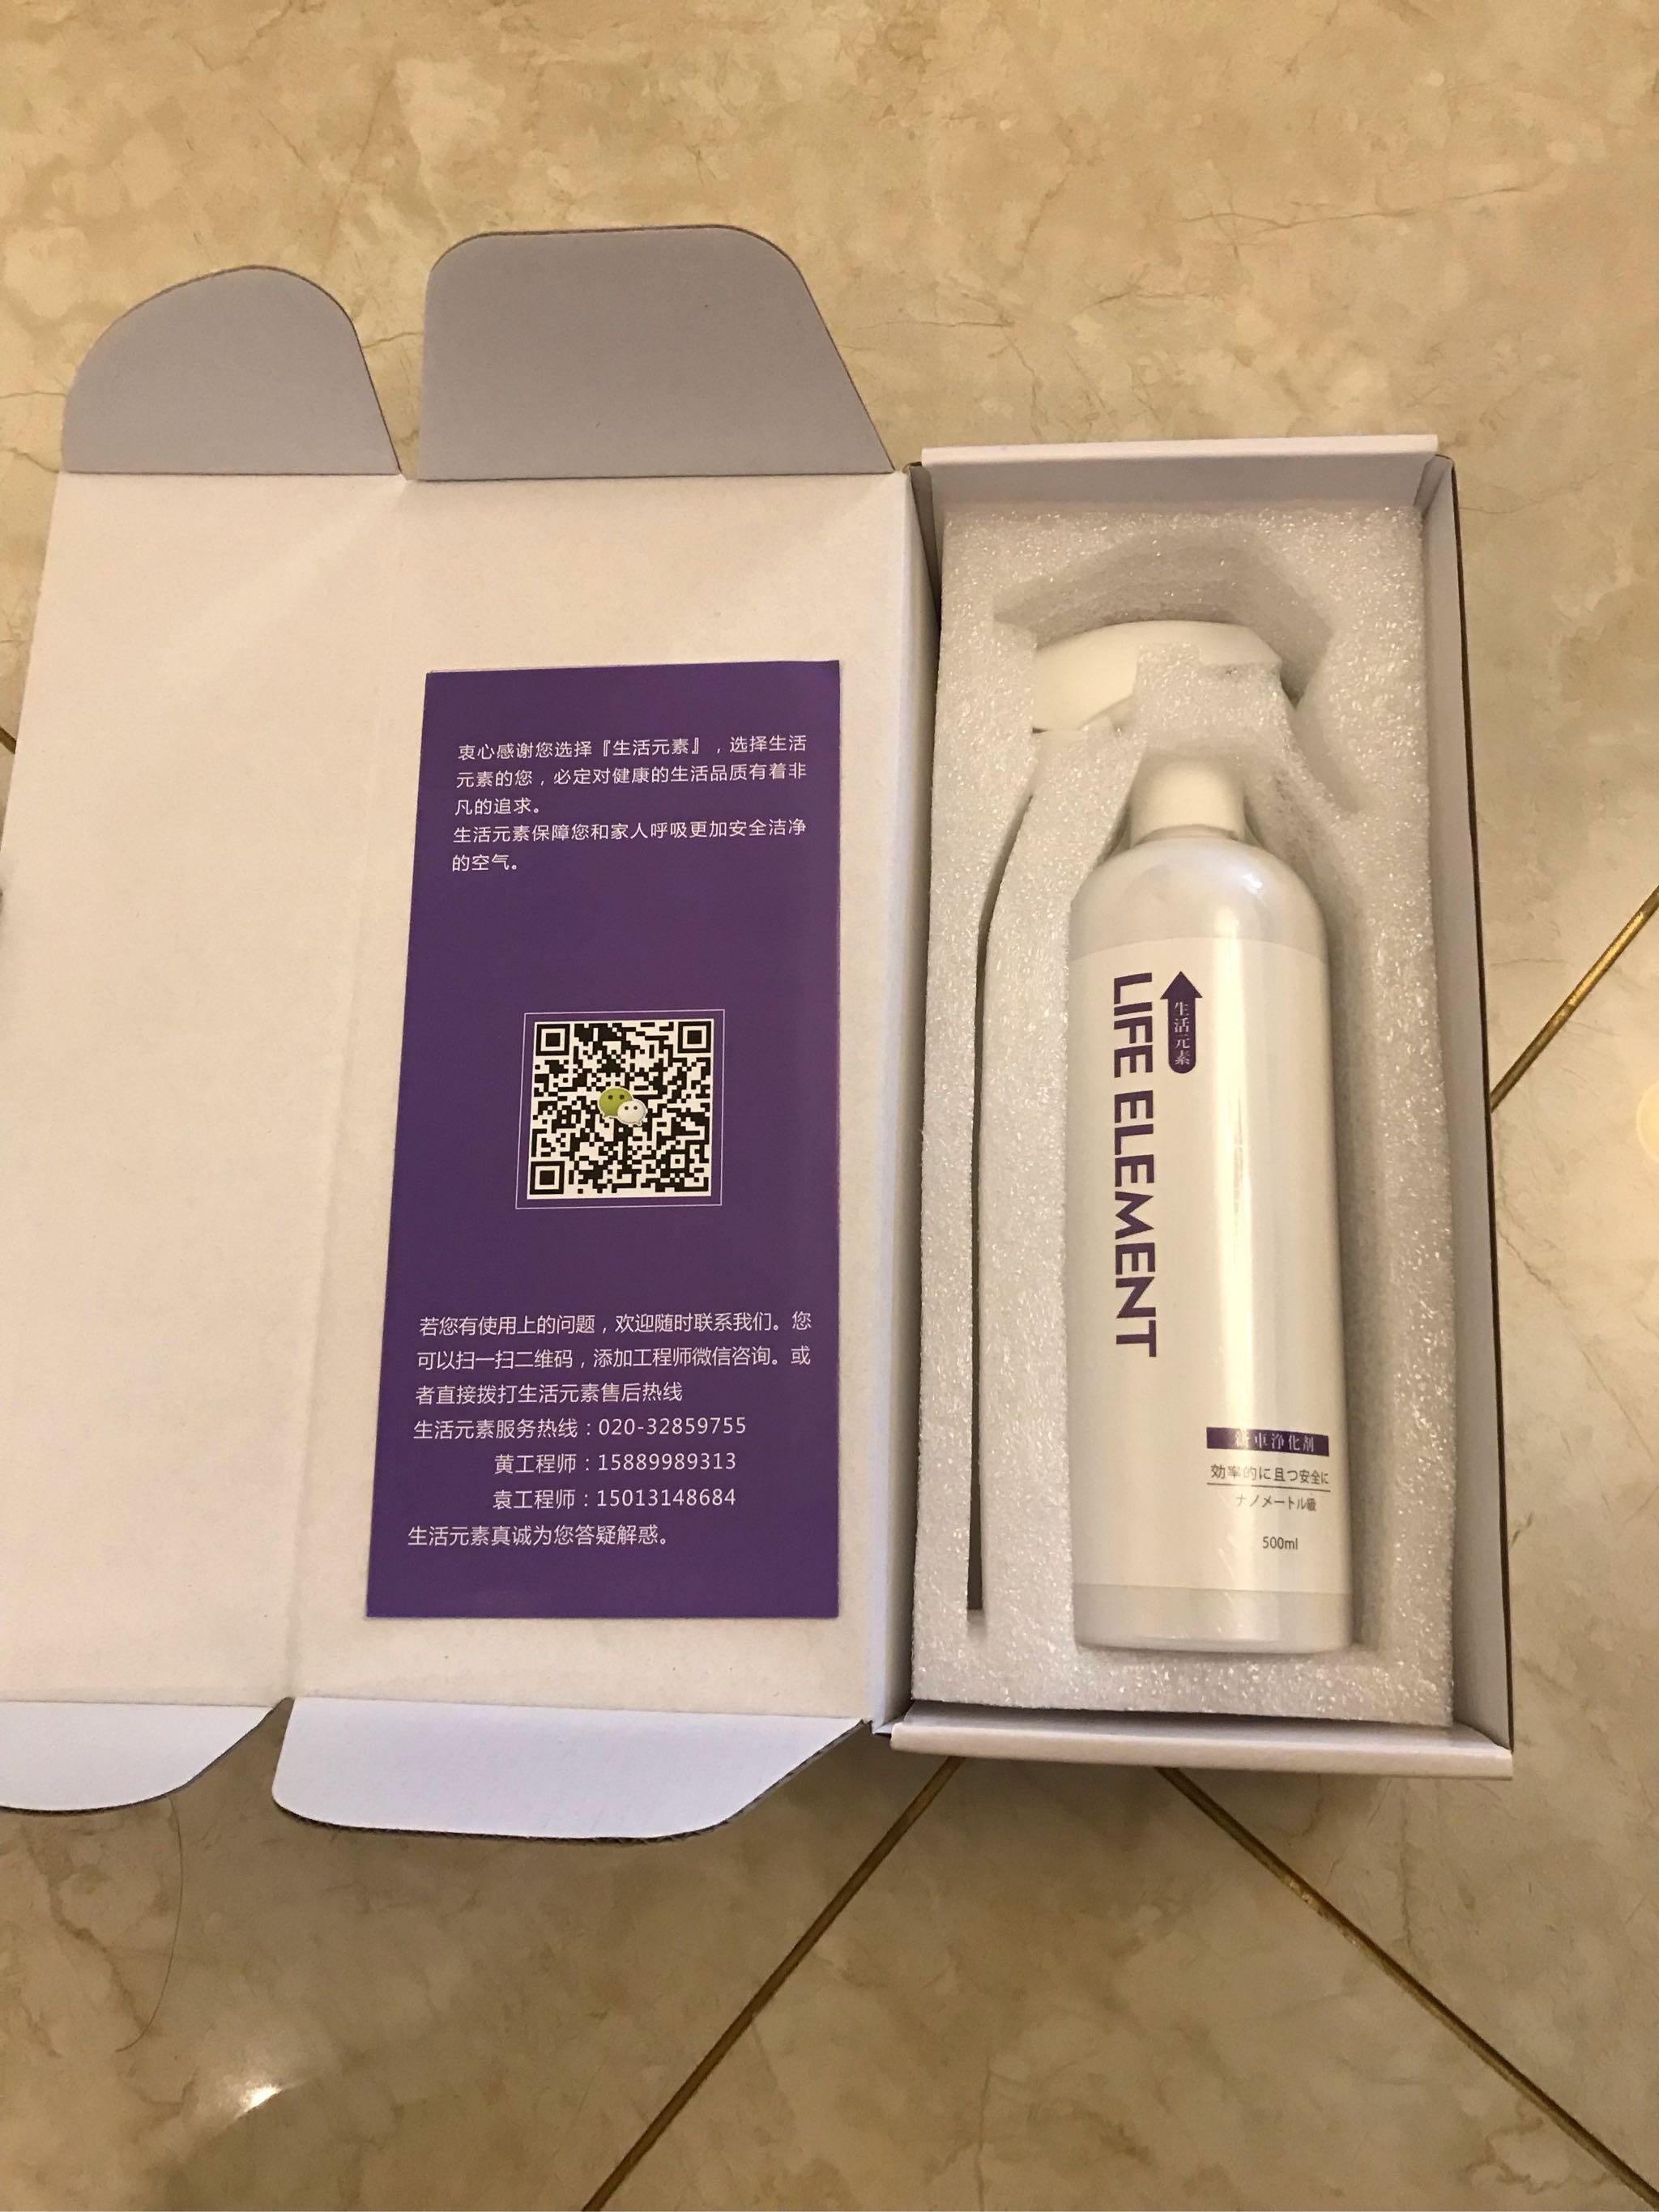 选择了十大品牌的生活元素光触媒除甲醛,日本进口果然效果很好